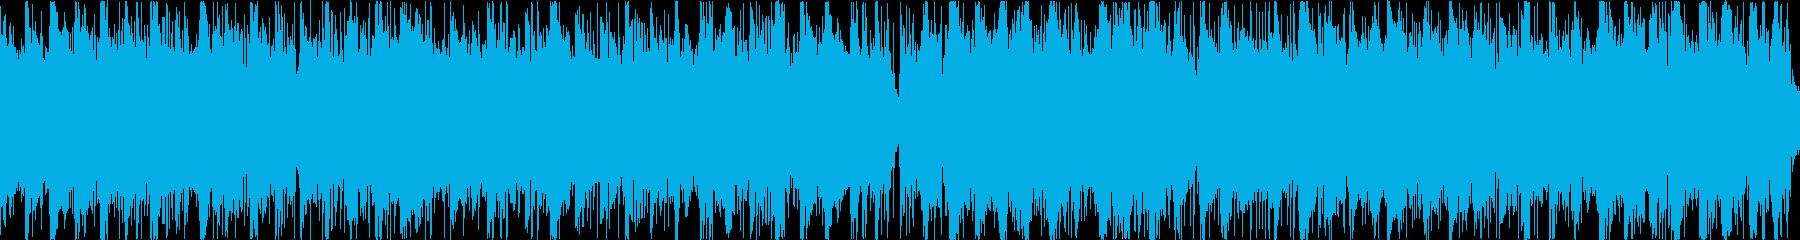 世界観のあるゲームに使える奇妙な曲ループの再生済みの波形